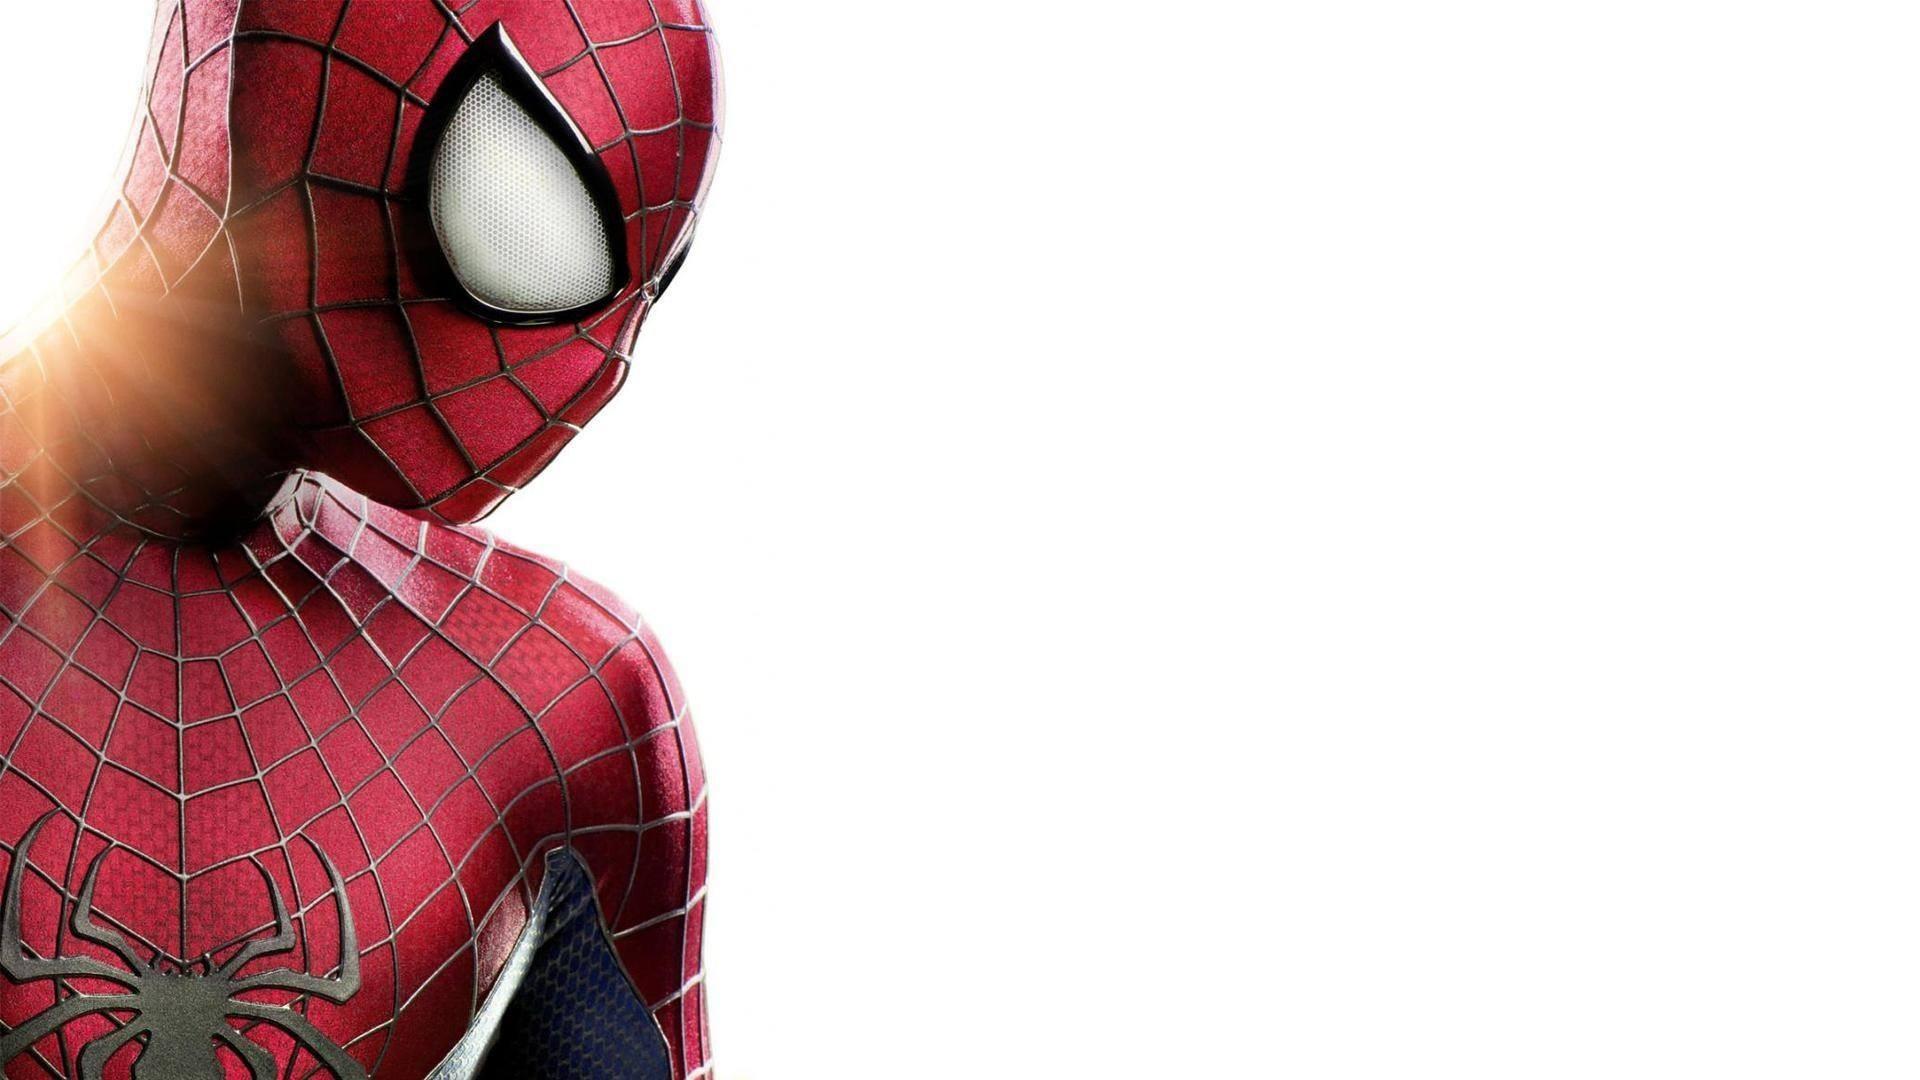 человек паук со шляпой и фартуком картинки мульт все модели этой